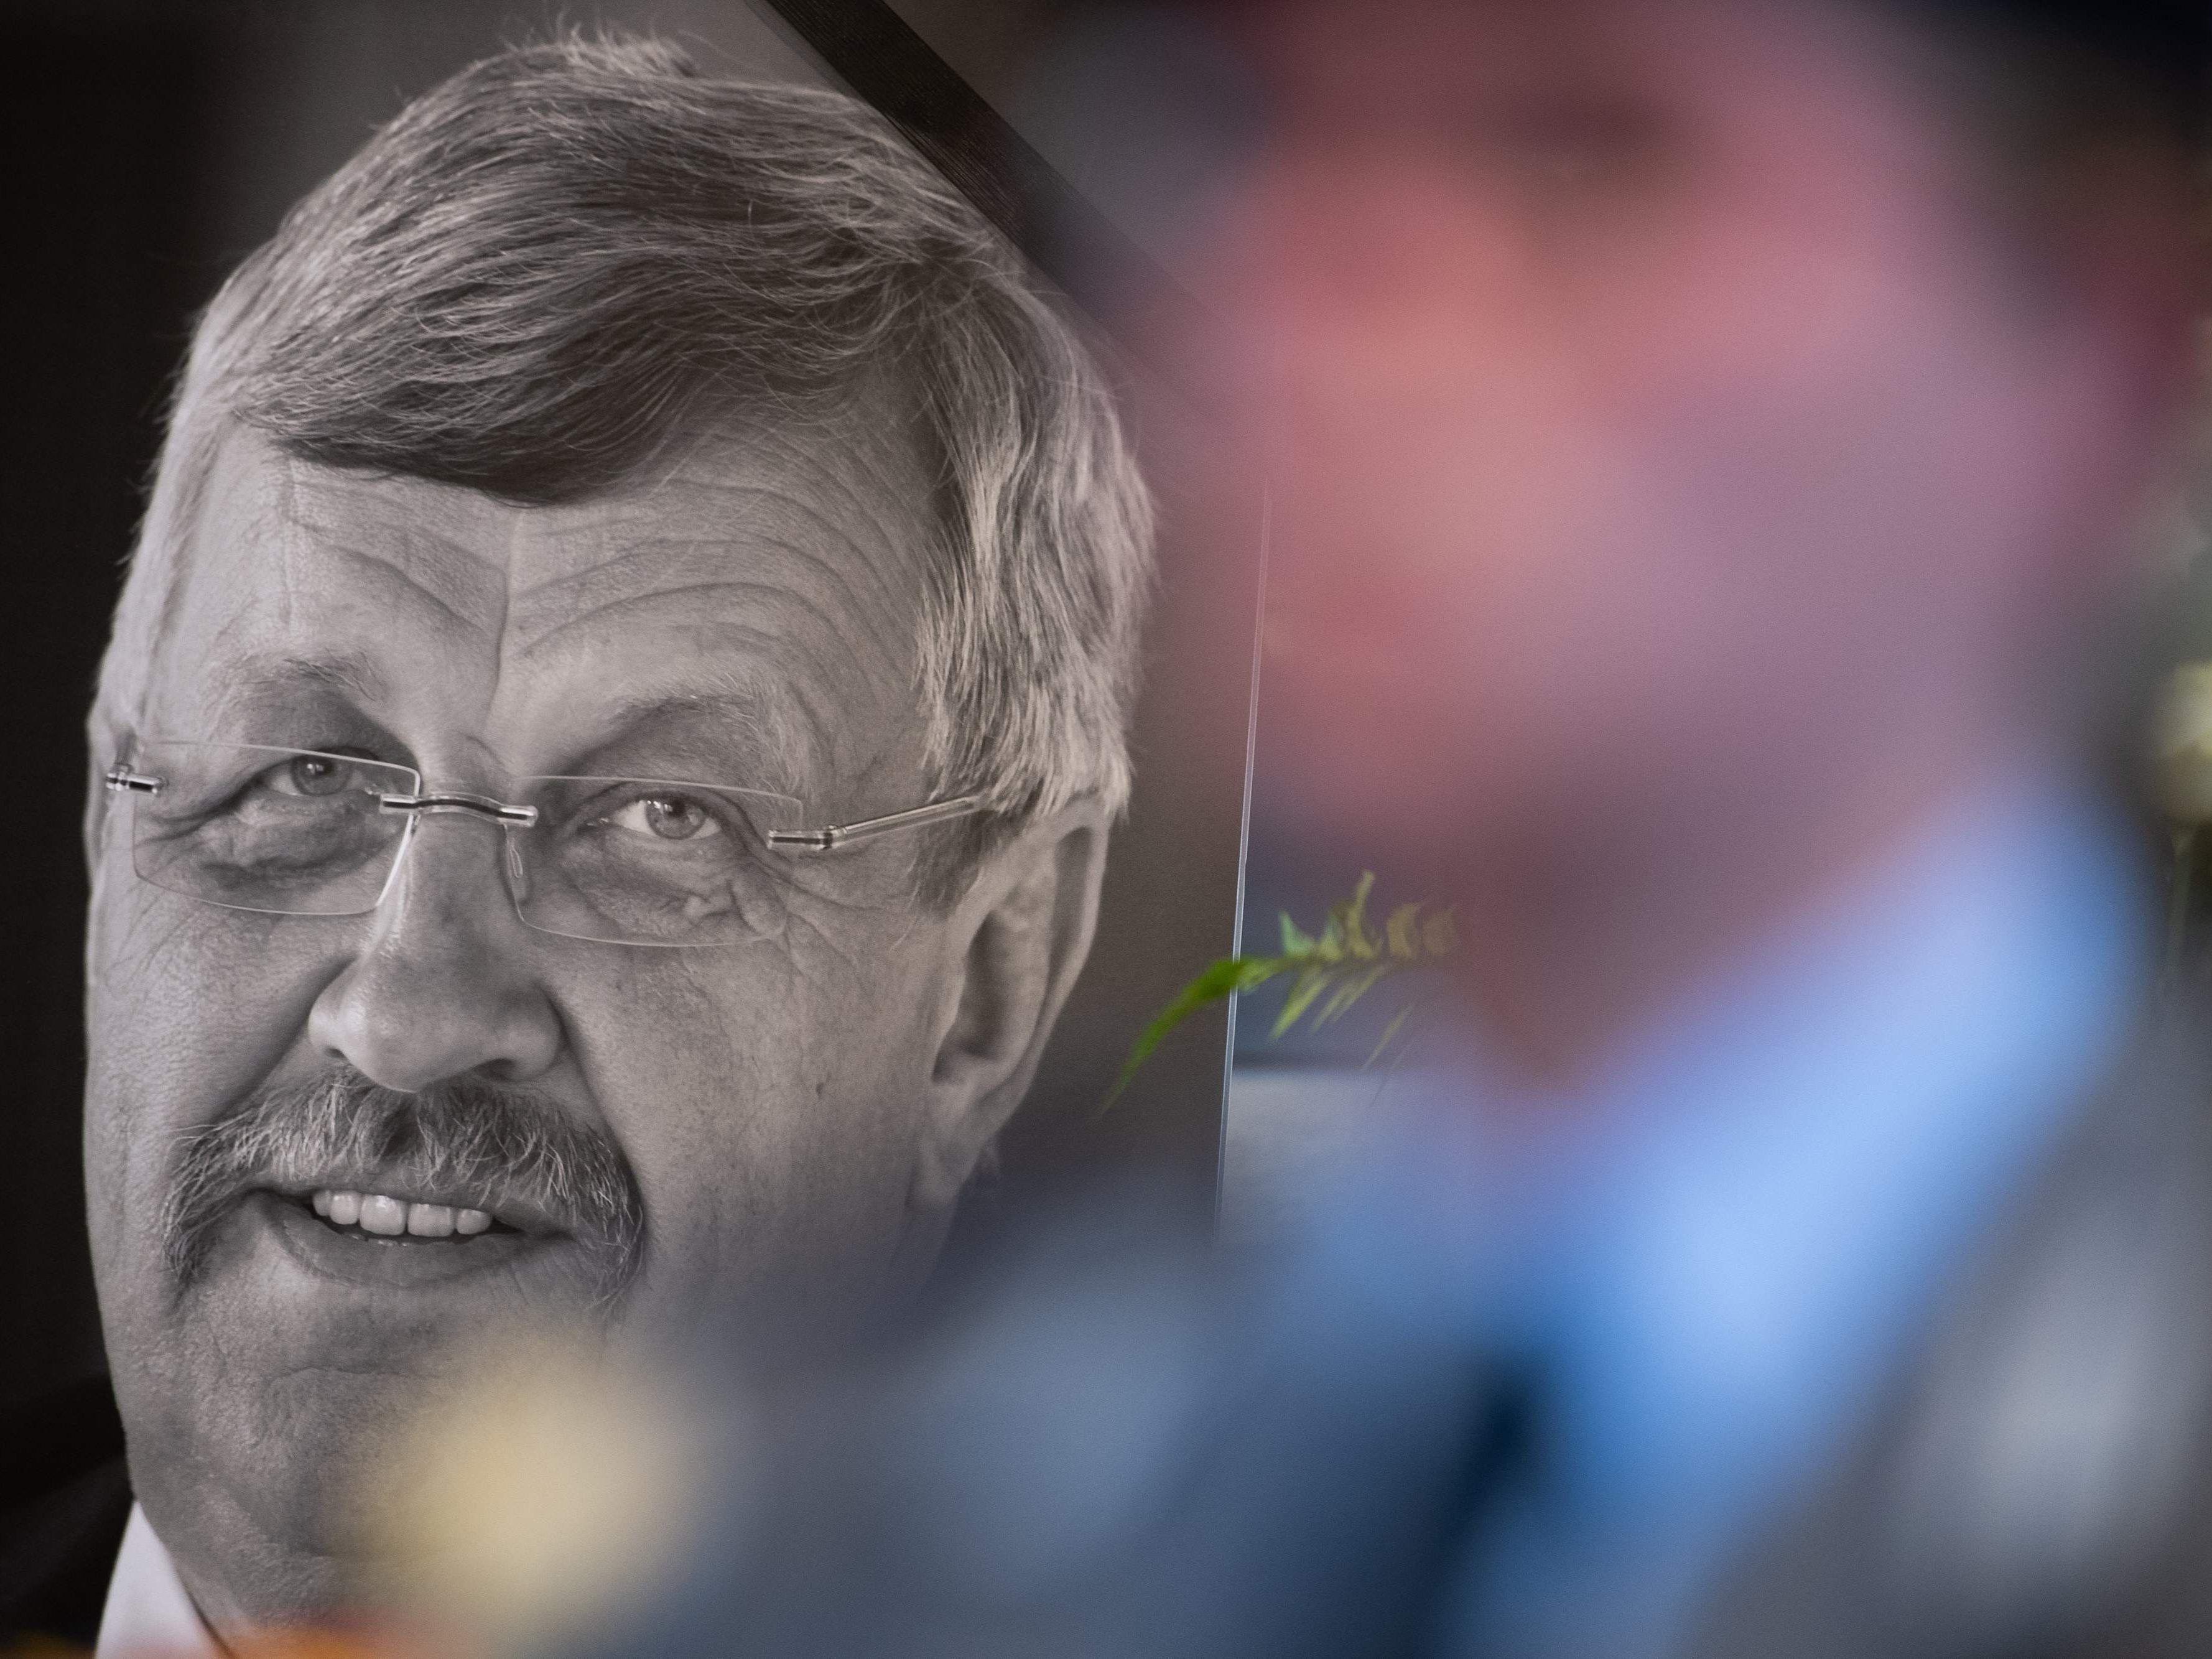 Fall Lübcke: Tatverdächtiger gesteht Mord an Kasseler Regierungspräsident - Statement von Seehofer